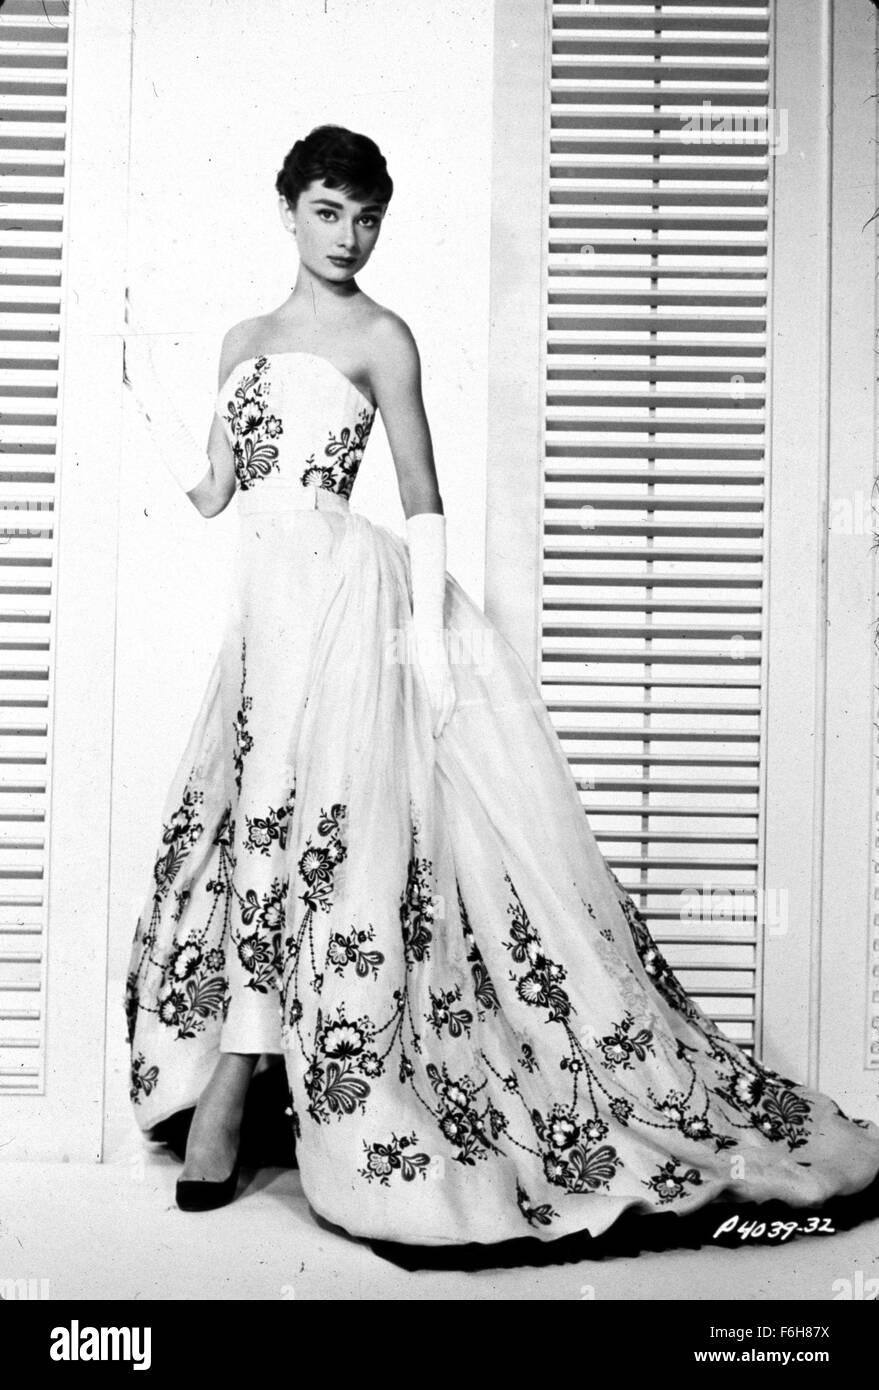 1954, Filmtitel: SABRINA, Regie: BILLY WILDER, im Bild: nackten ...